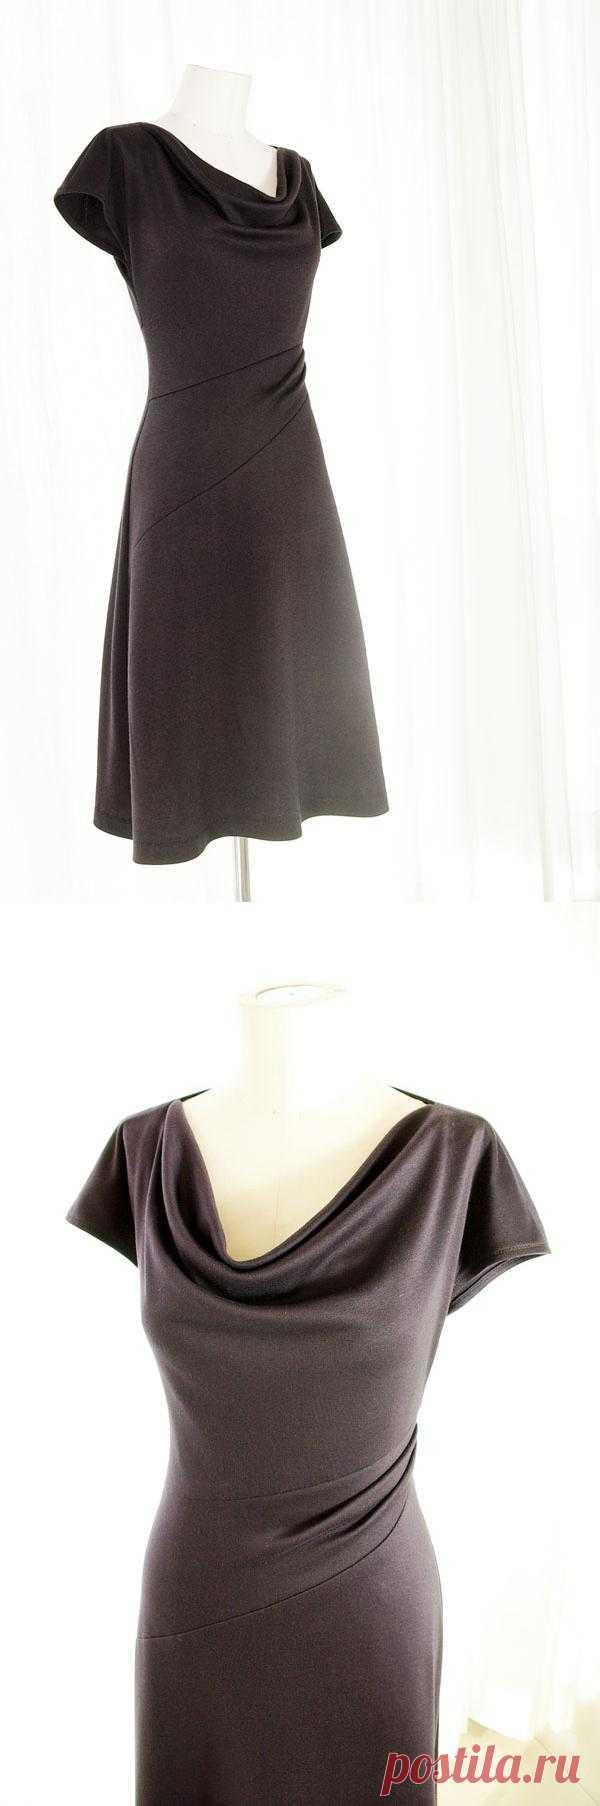 Бесплатная выкройка симпатичного платья / Простые выкройки / Модный сайт о стильной переделке одежды и интерьера